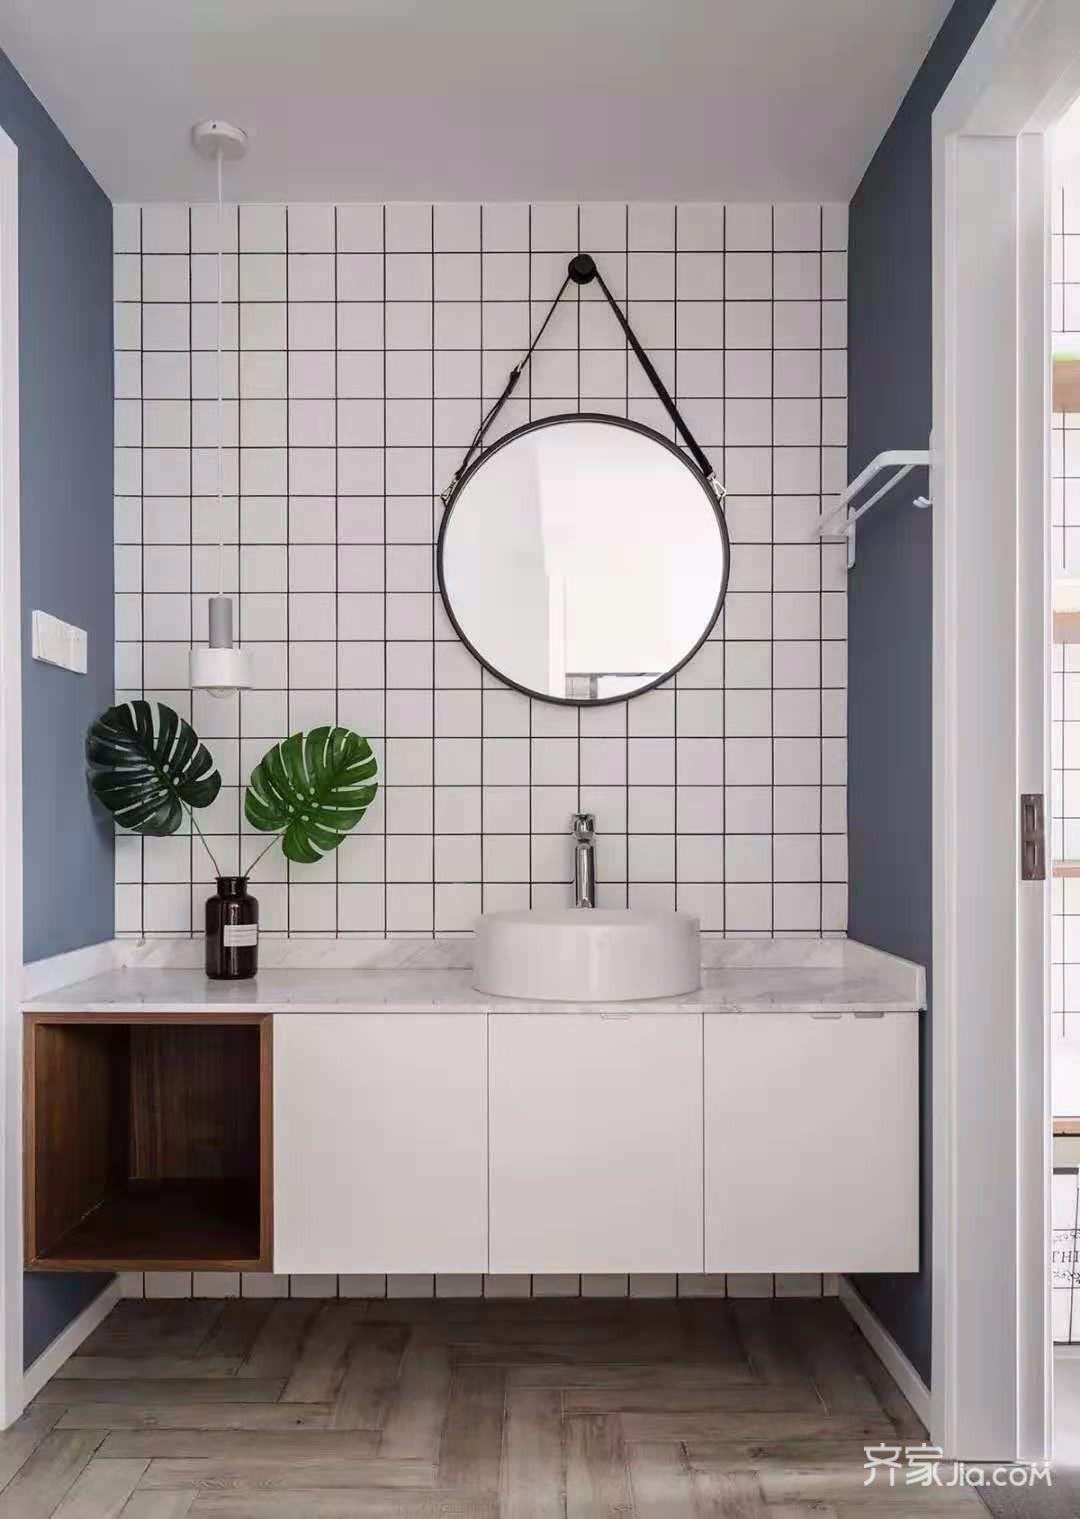 装修效果图,灰蓝色北欧风装修案例效果图-齐家装修网